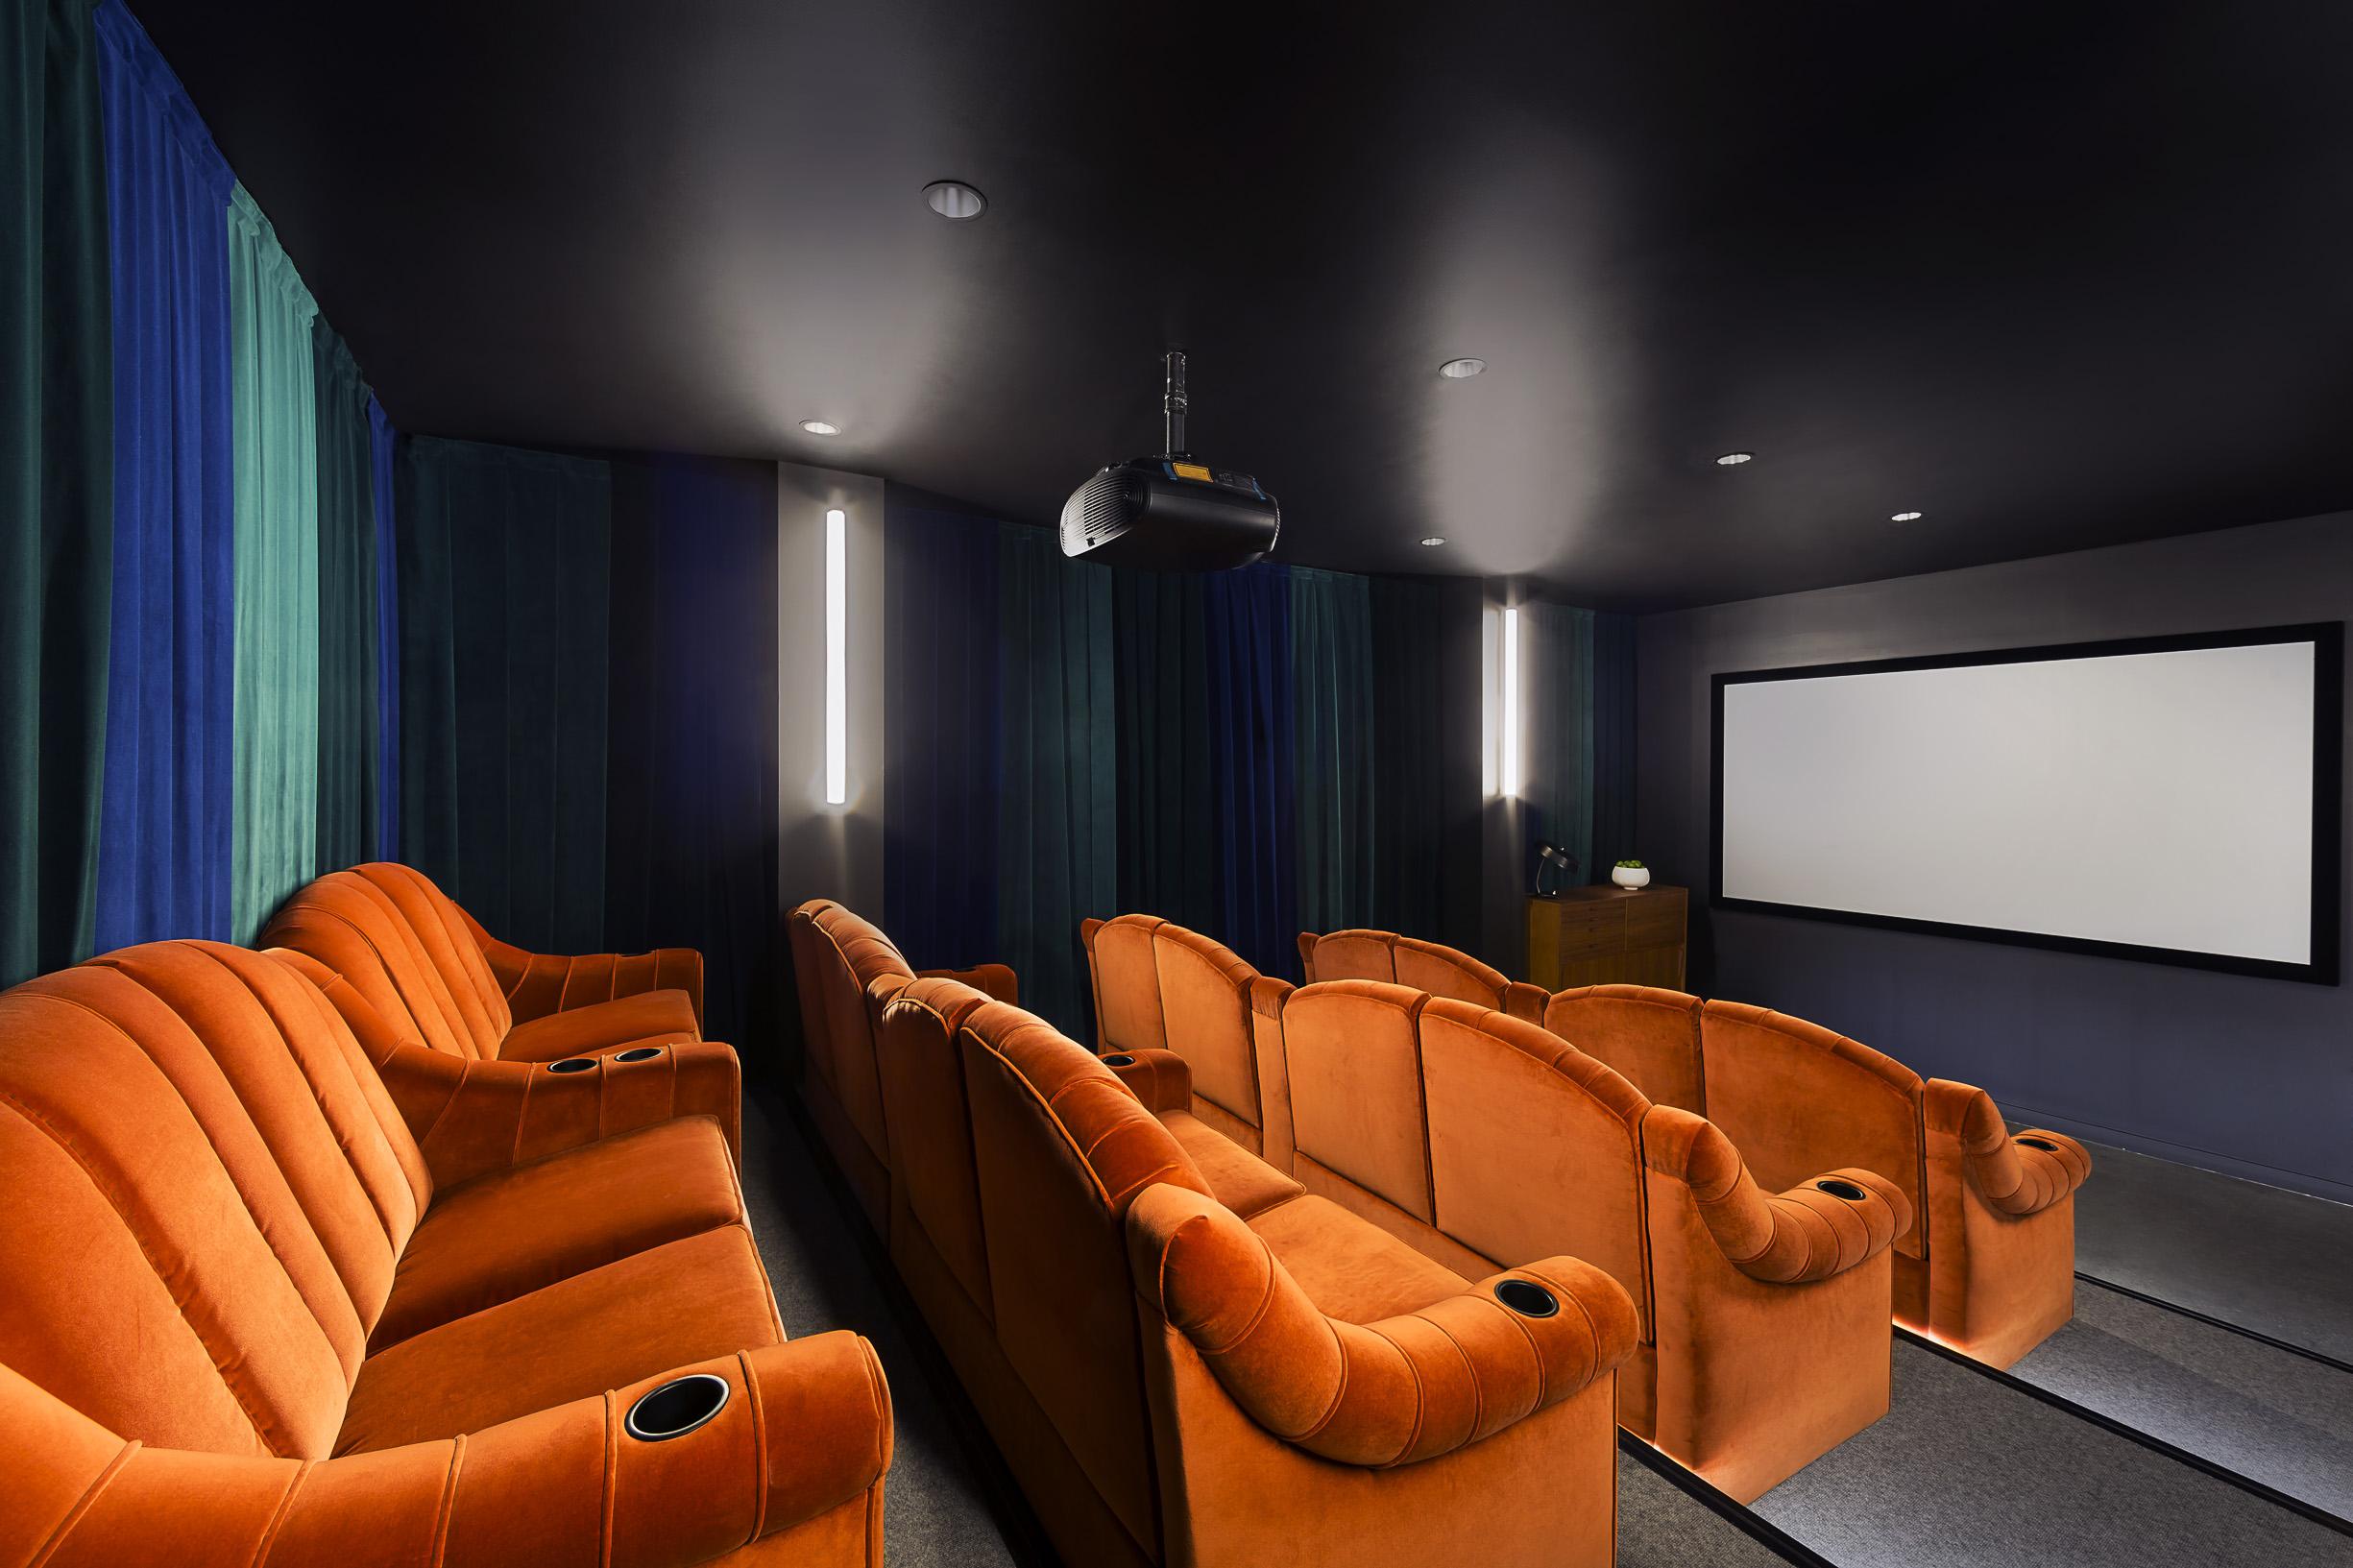 10-theater.jpg